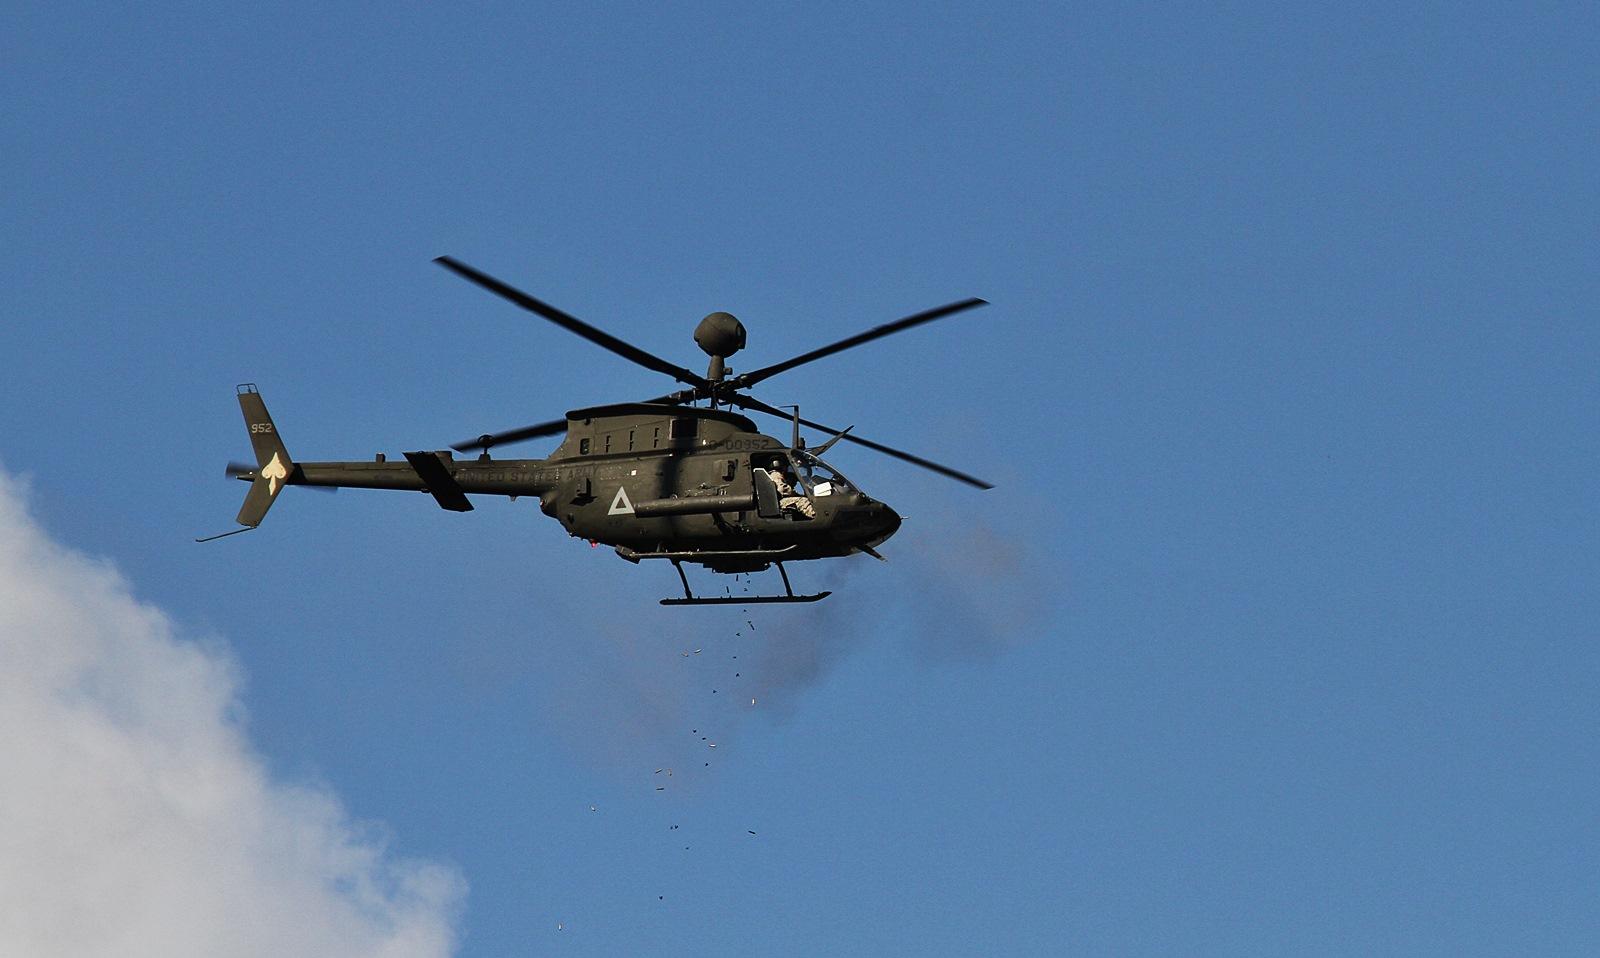 2014 육군항공사격대회 참가 주한미군 OH-58D Kiow..